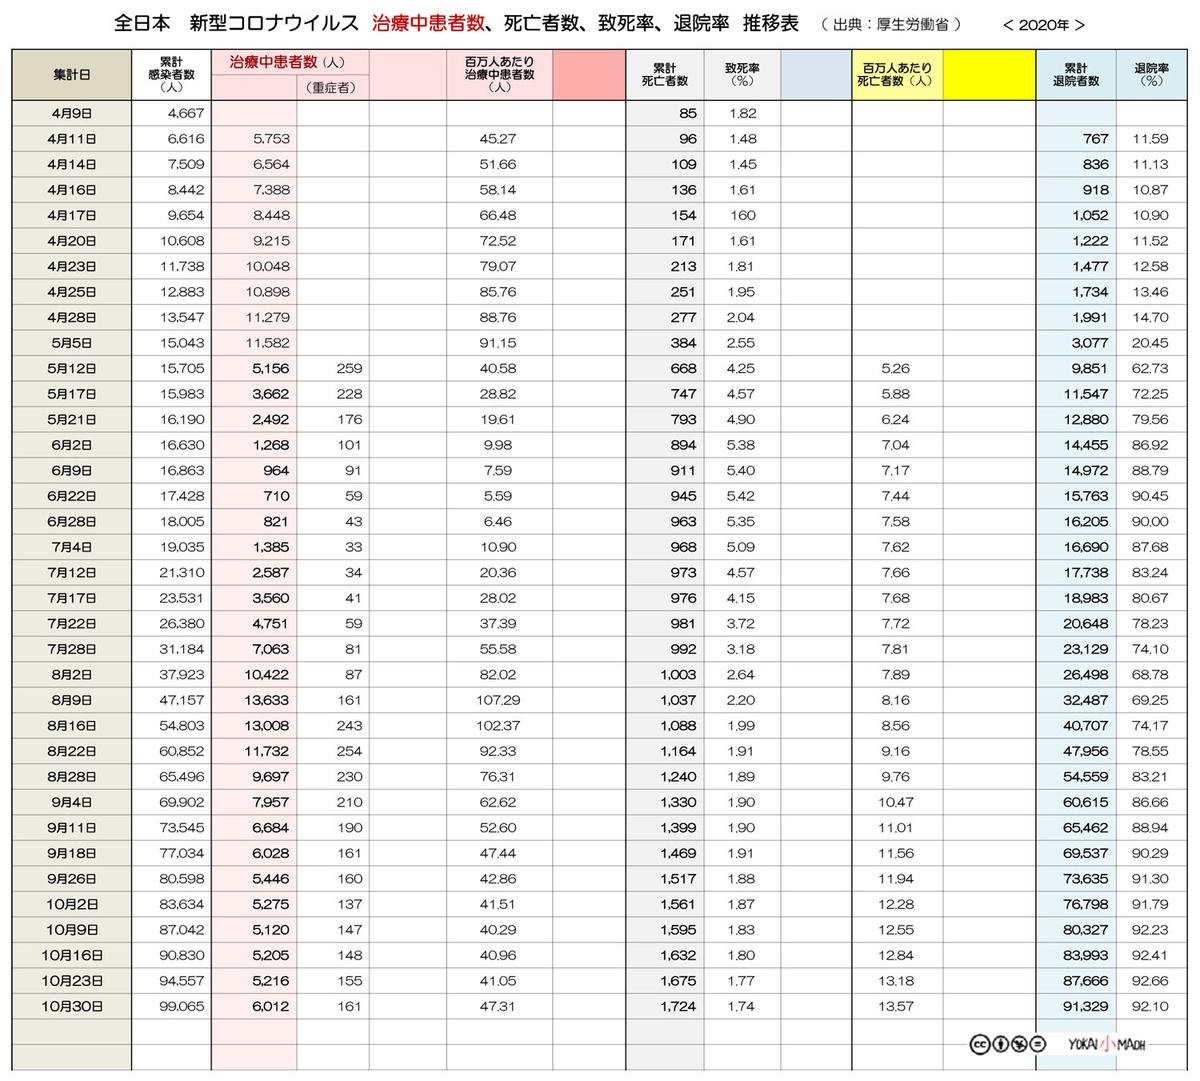 f:id:youkaidaimaou:20201101163535j:plain